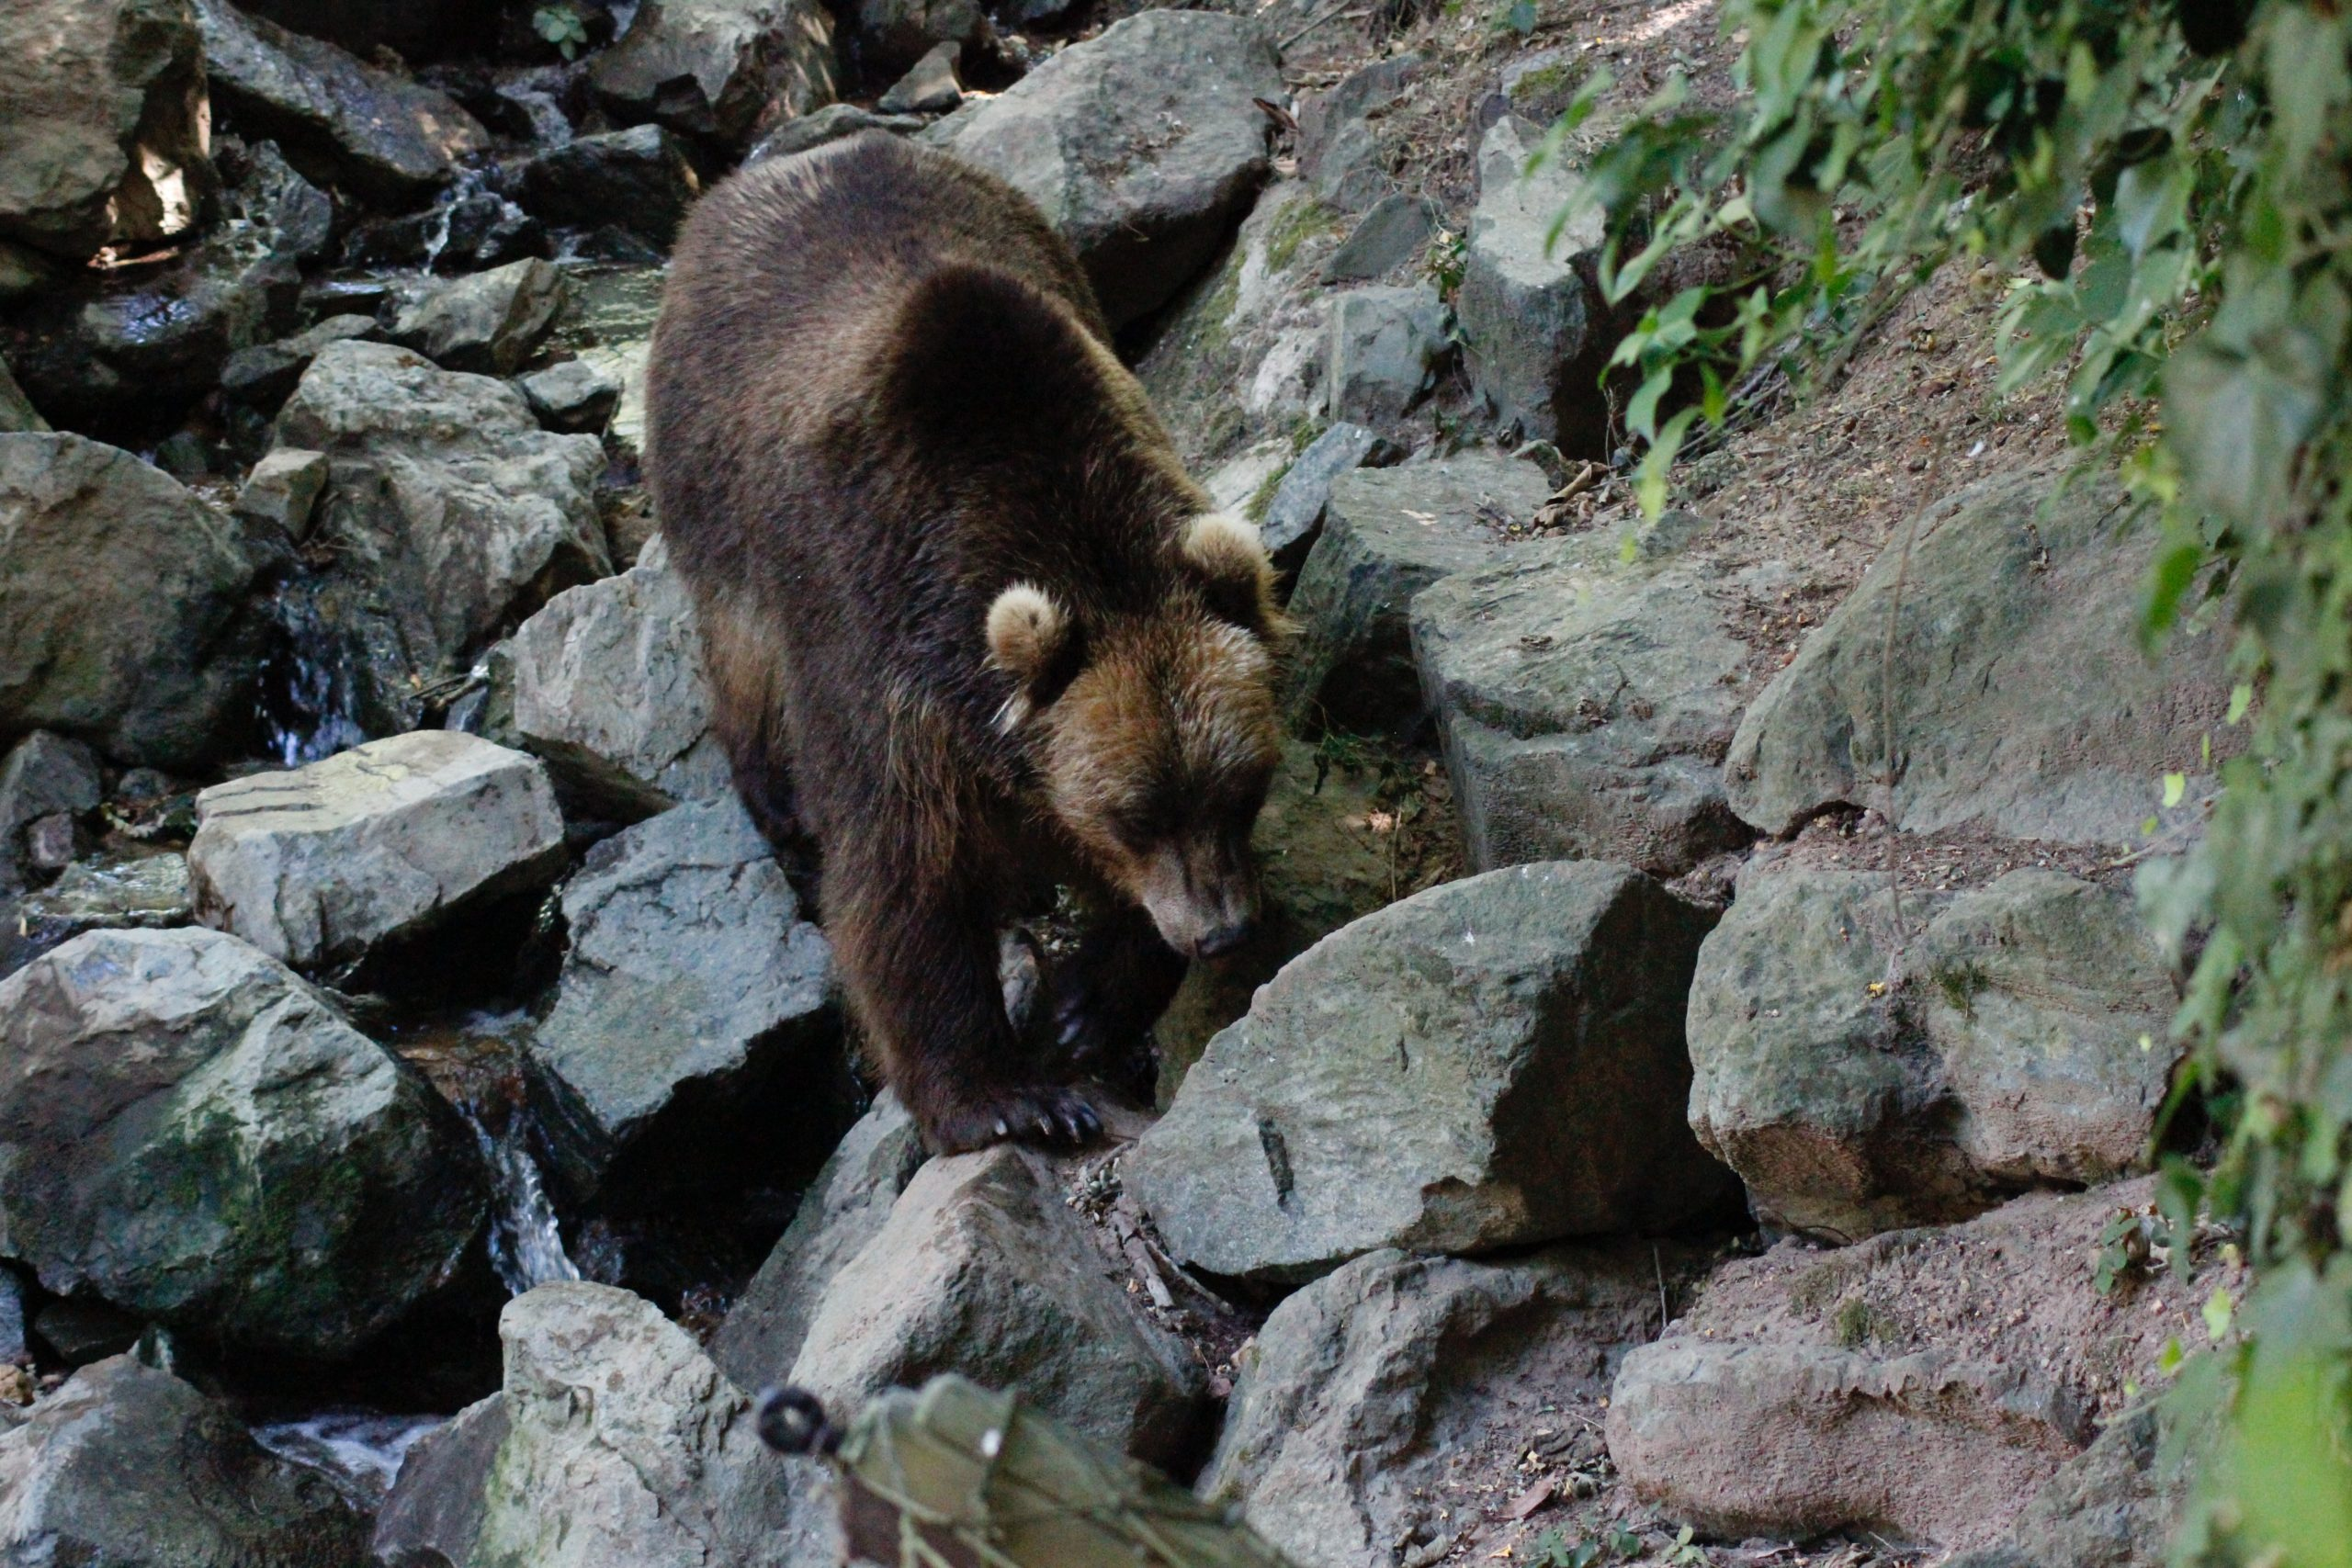 Depuis 2019, les balles en caoutchouc étaient autorisées pour éloigner les ours des troupeaux. Crédit : Axel Blanchard.